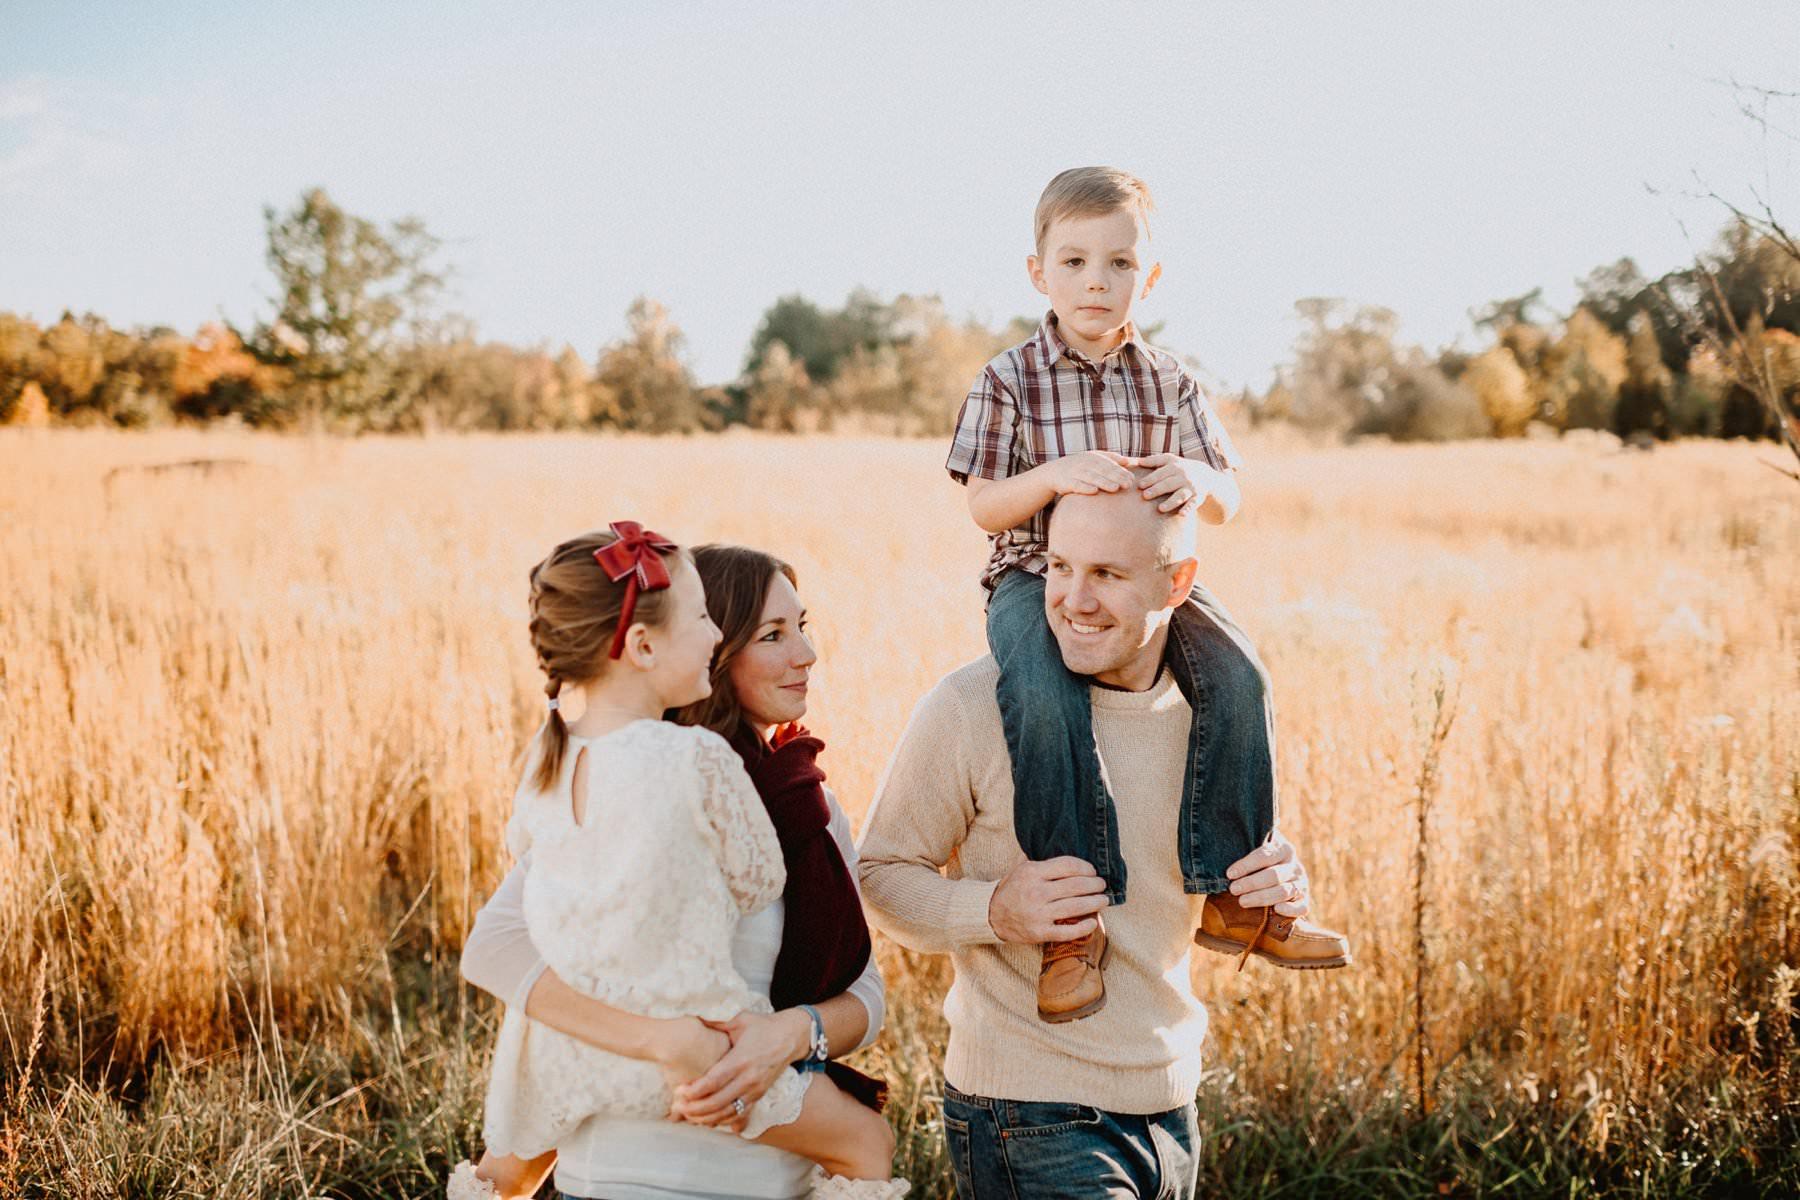 Delaware-family-photographer-27.jpg